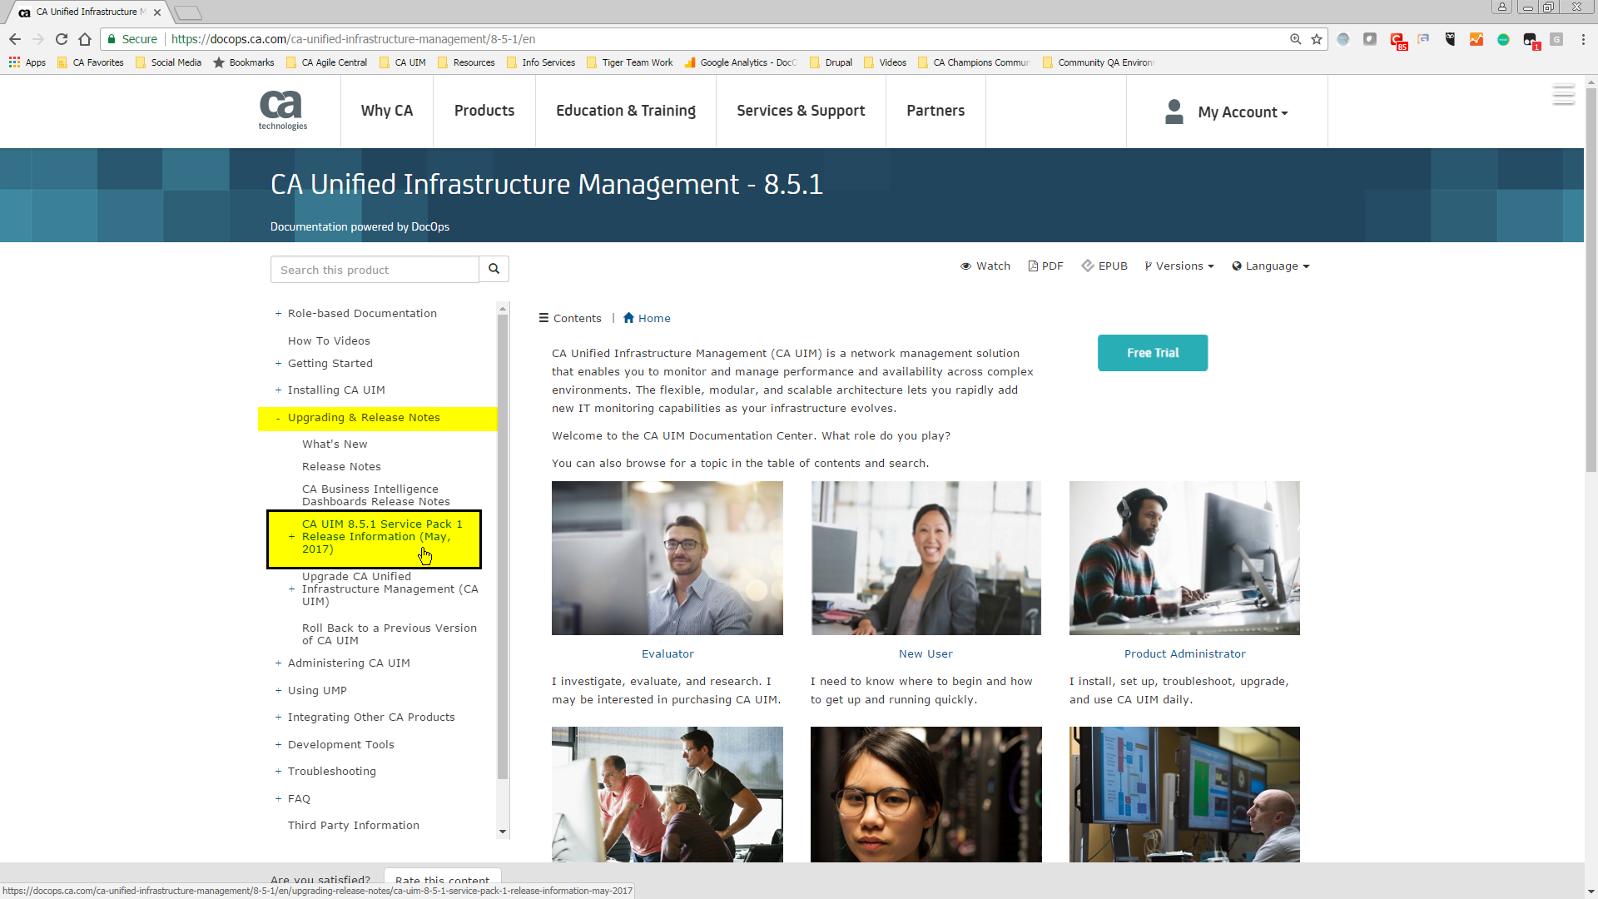 CA UIM 8.5.1 Documentation Home Page